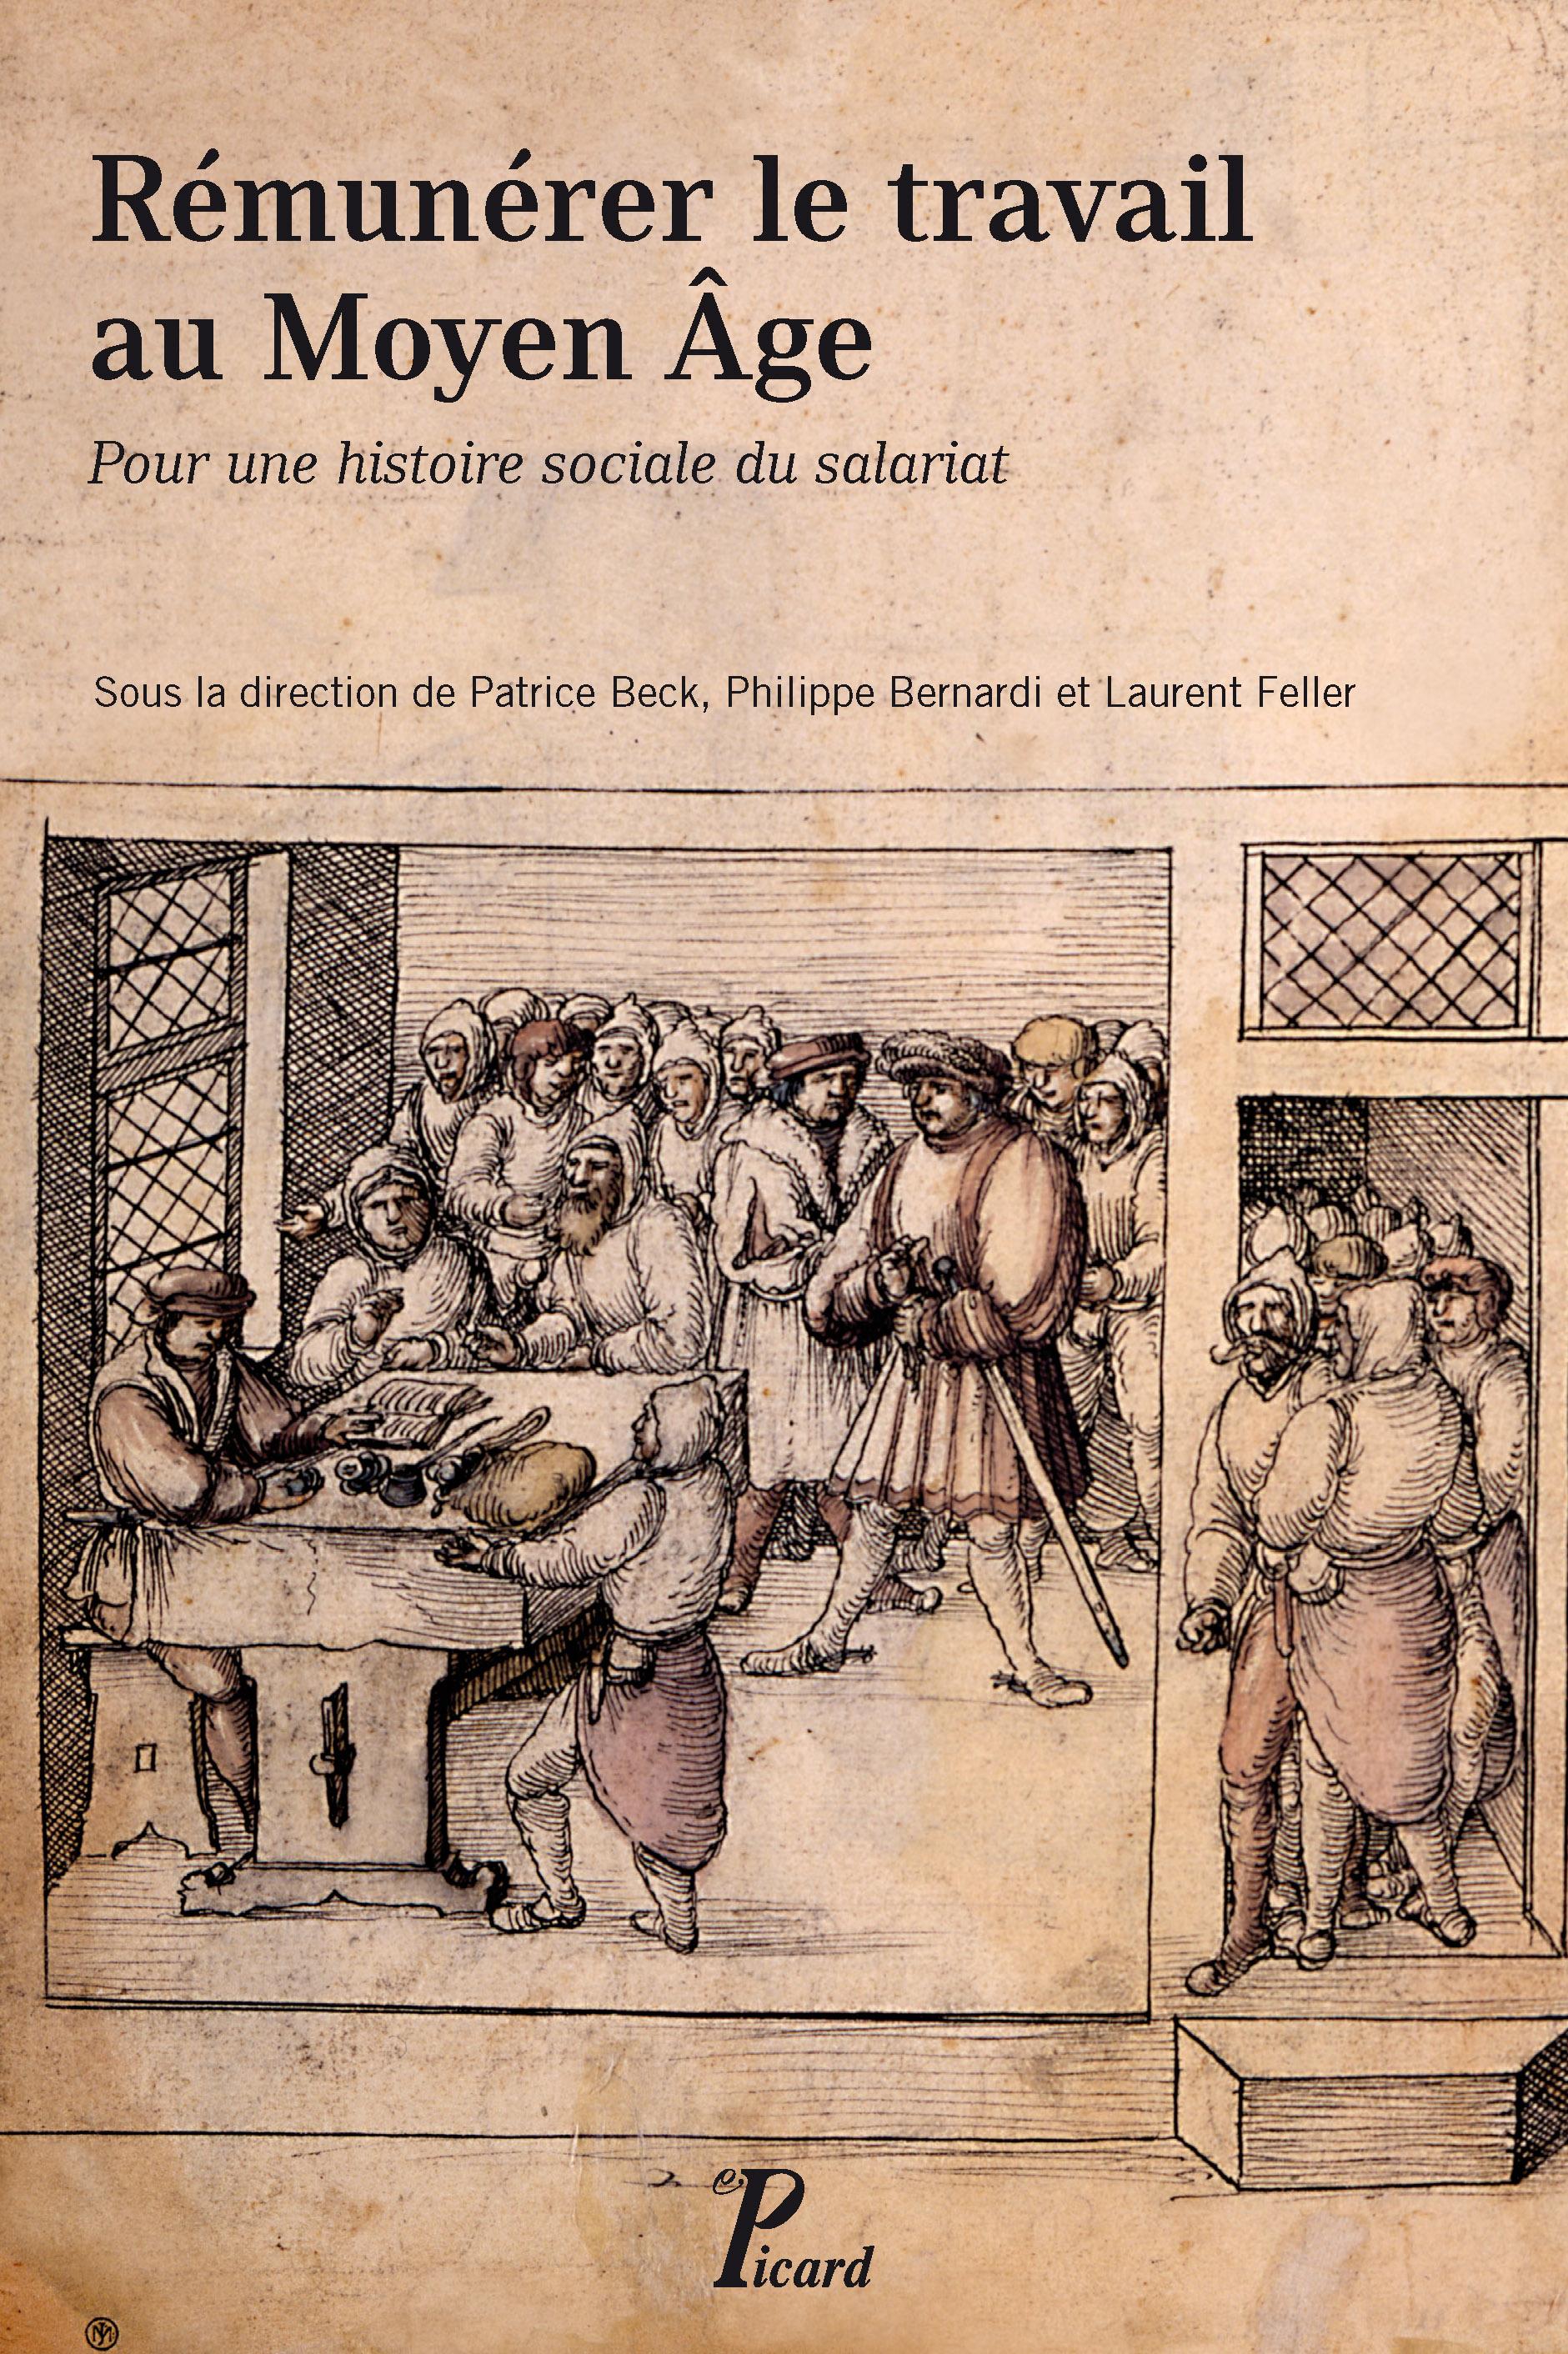 [livre] Rémunérer le travail au Moyen Age 9782708409712